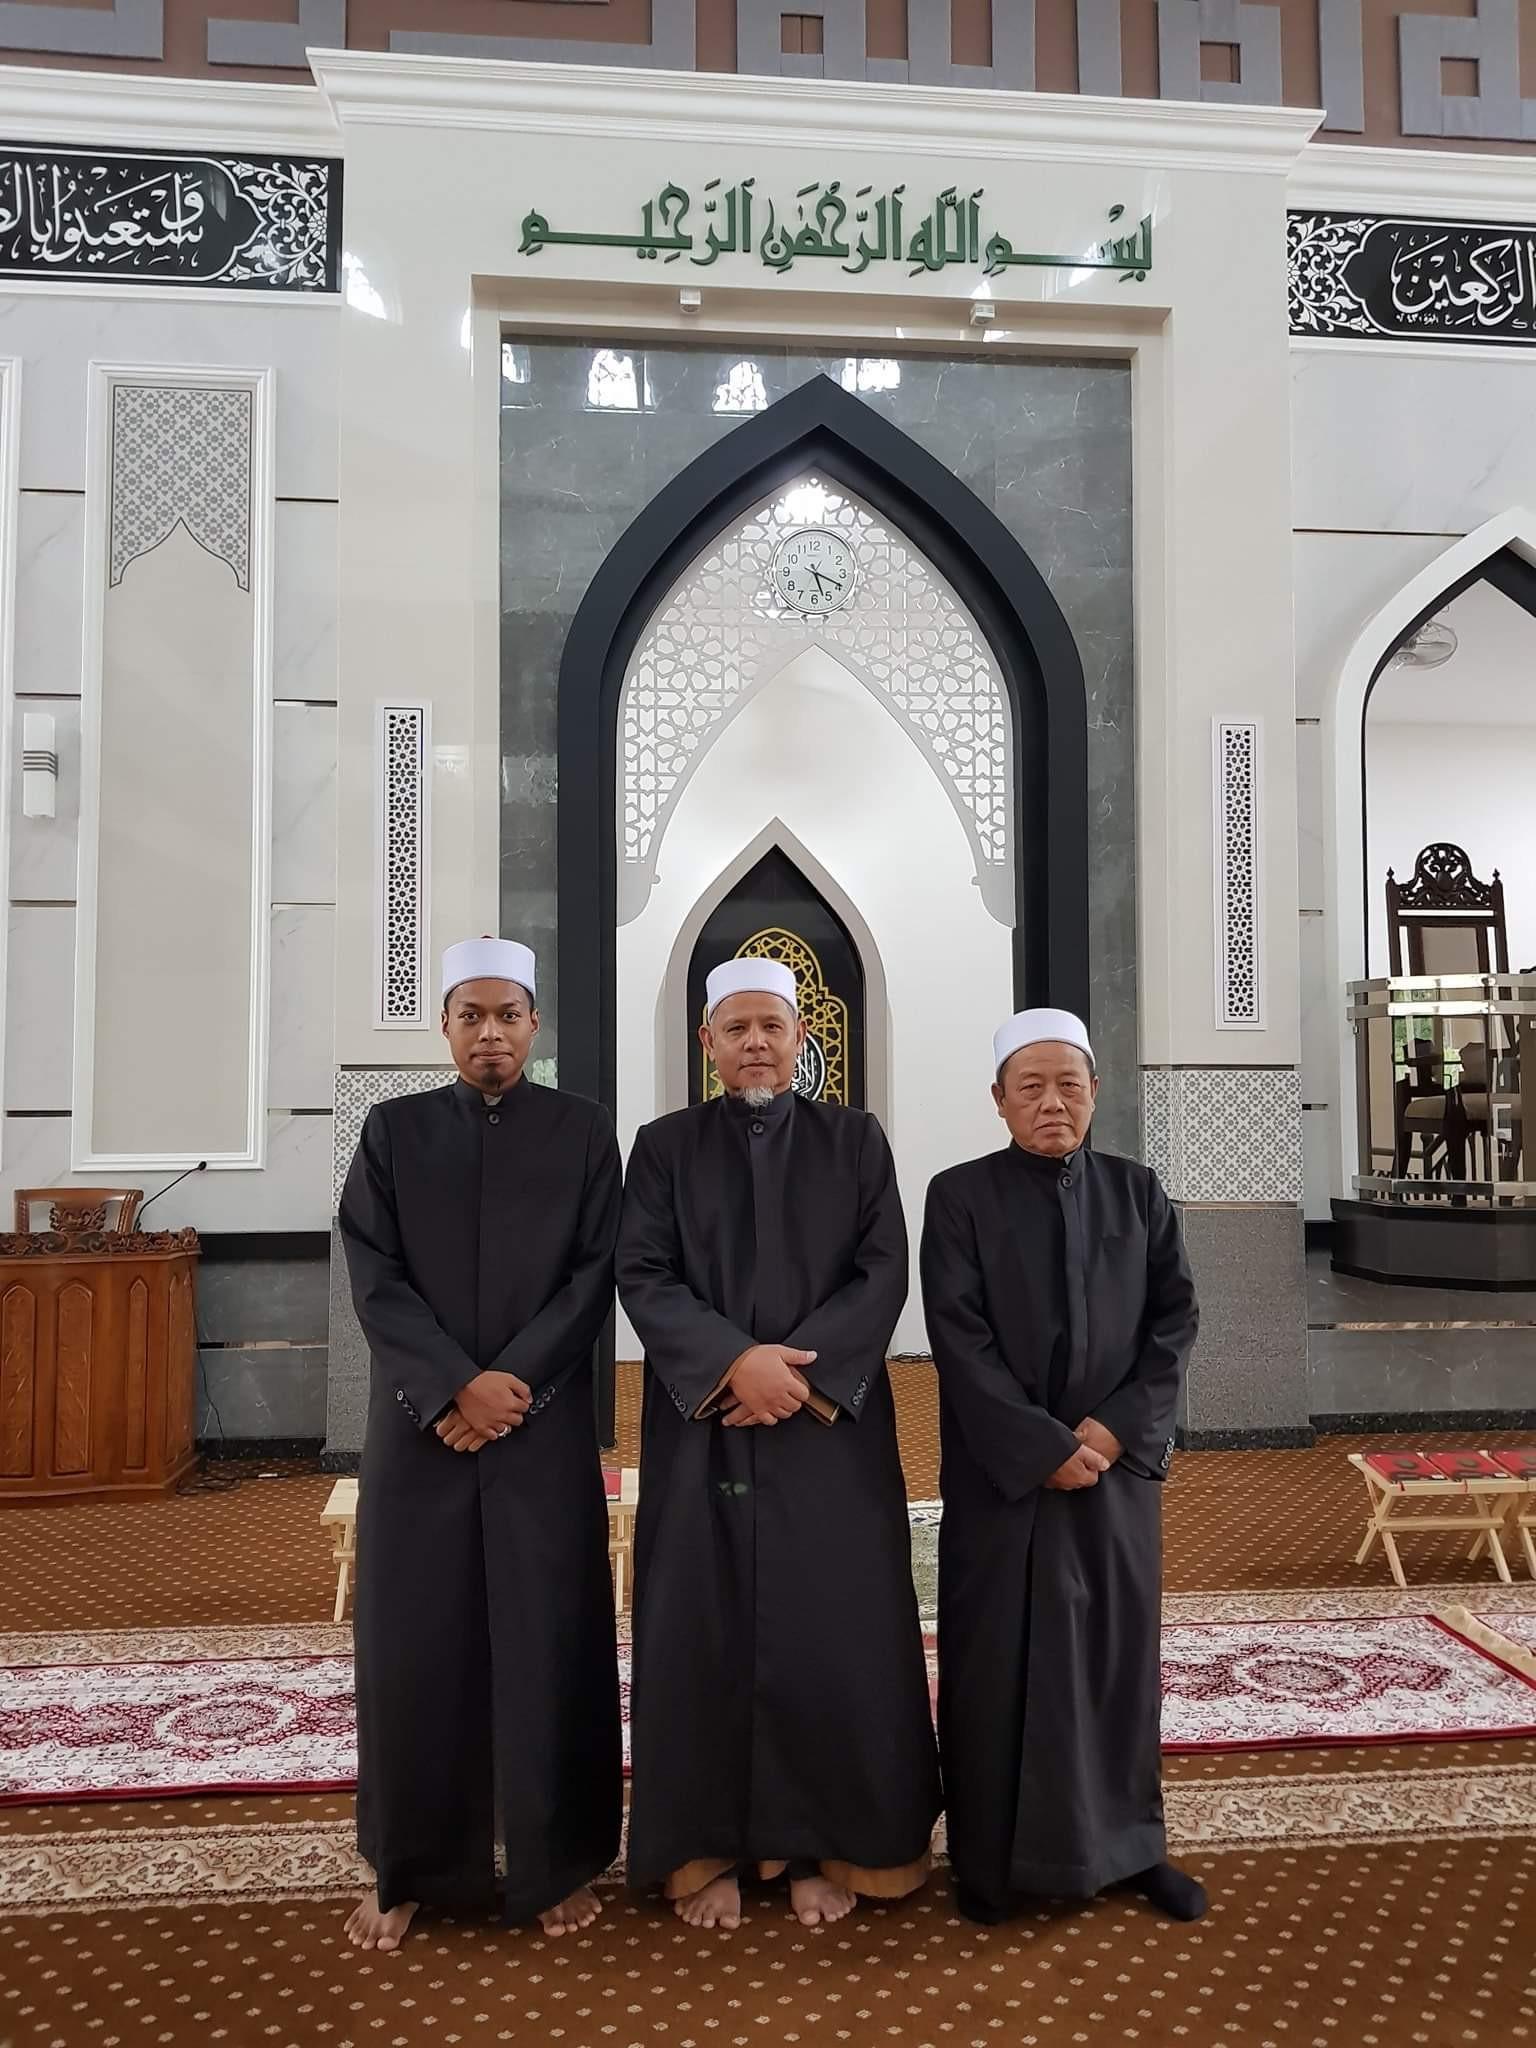 imam thobe Jubah Imam Coat utk Masjid Al-Raudhah Puncak Perdana.